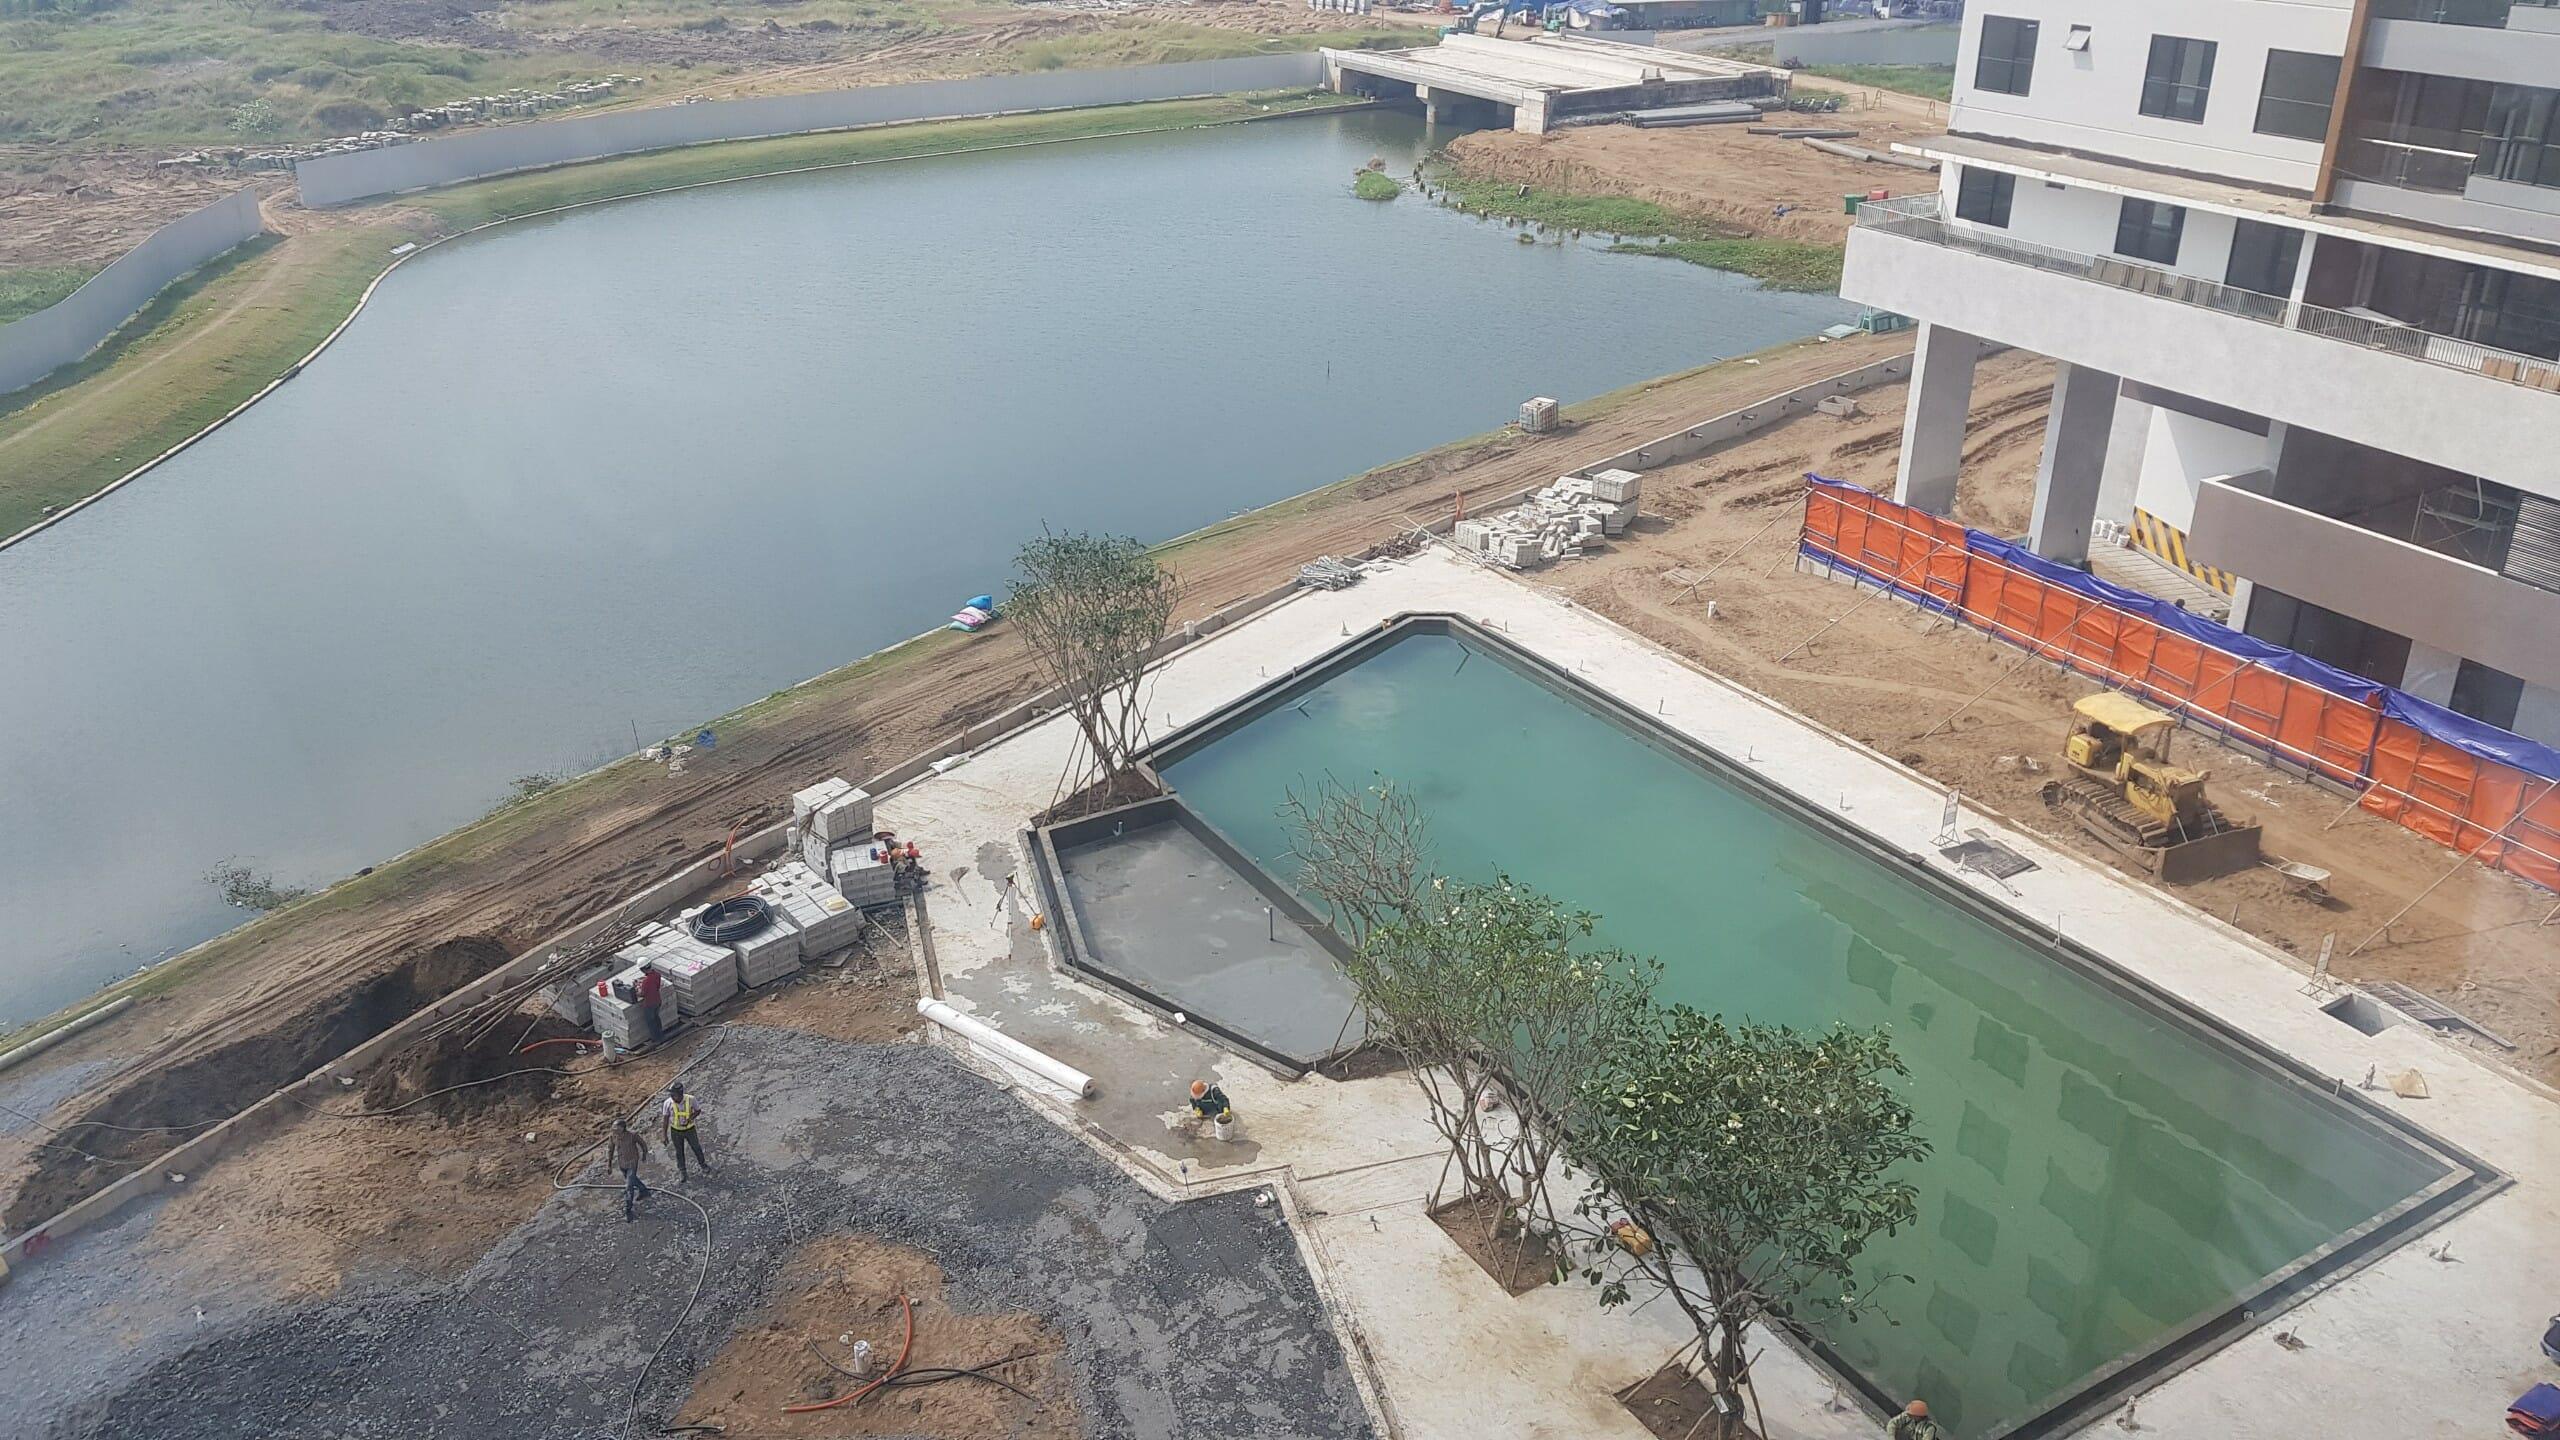 Đơn vị xây dựng đang hoàn thiện hồ bơi và cảnh quan chung cho cư dân